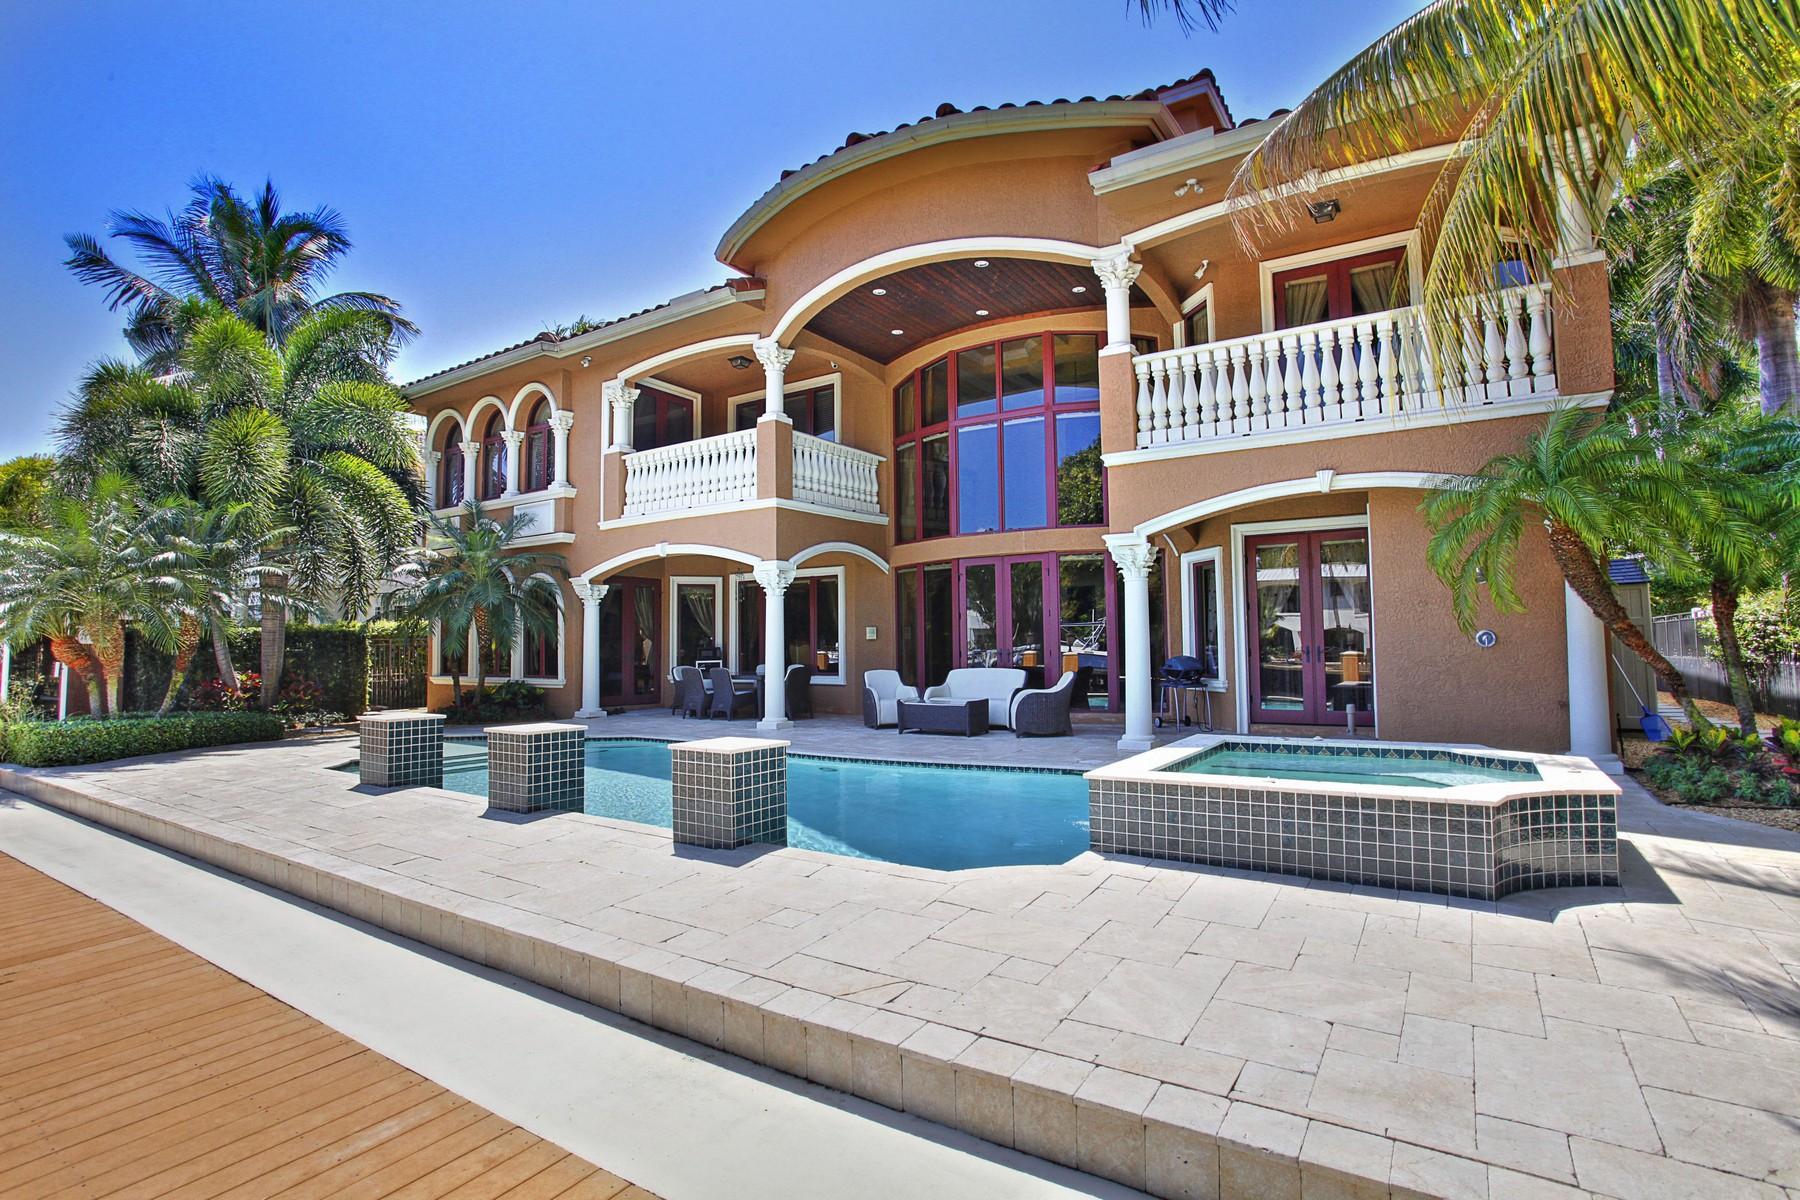 Casa para uma família para Venda às 42 Fiesta Way Fort Lauderdale, Florida, 33301 Estados Unidos